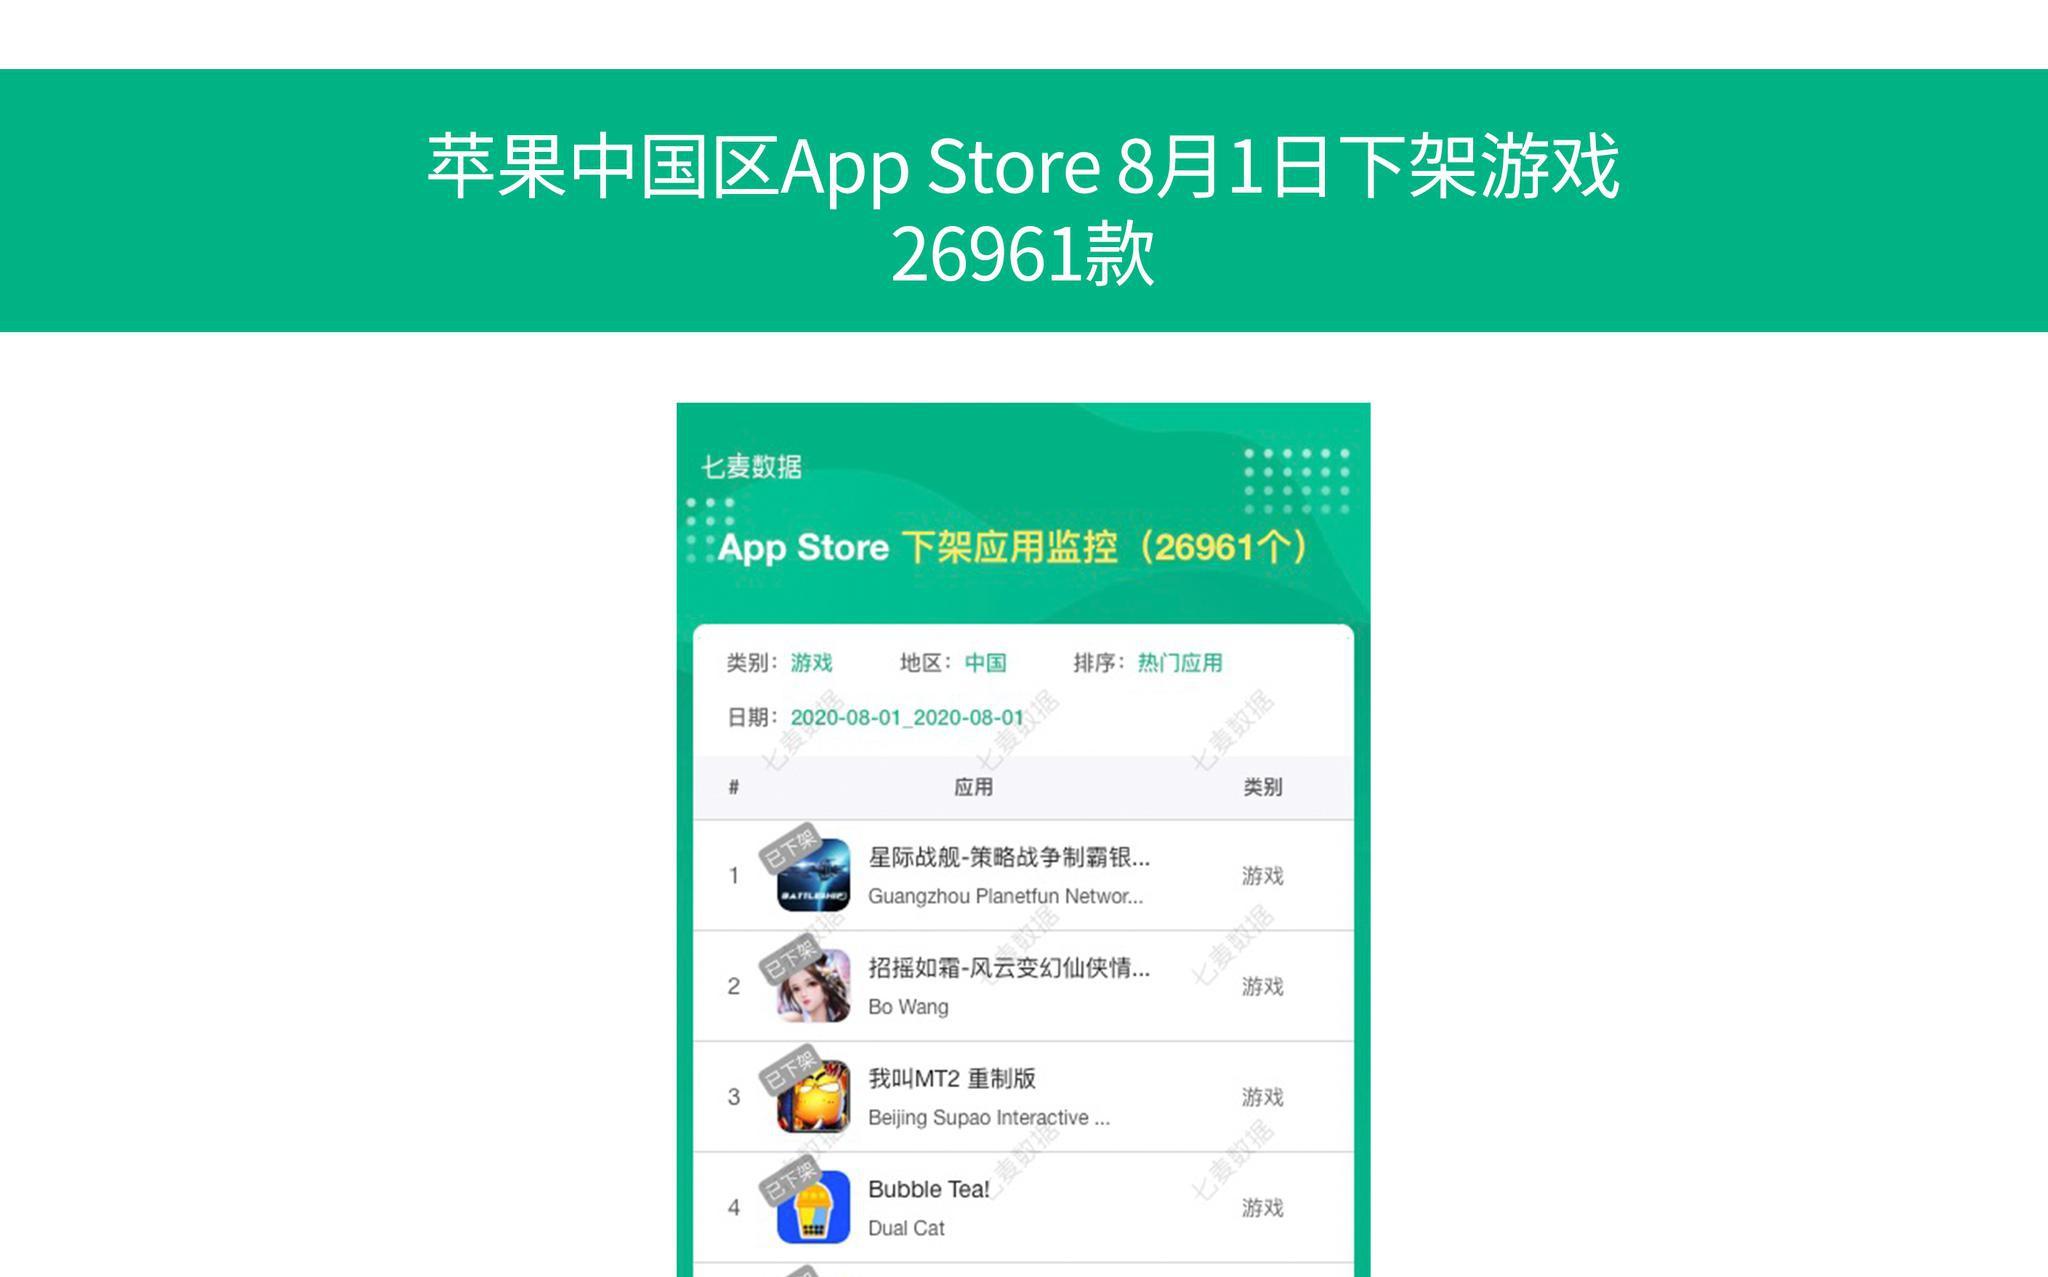 苹果App Store昨日下架超2万款游戏 七月共下架14000多款